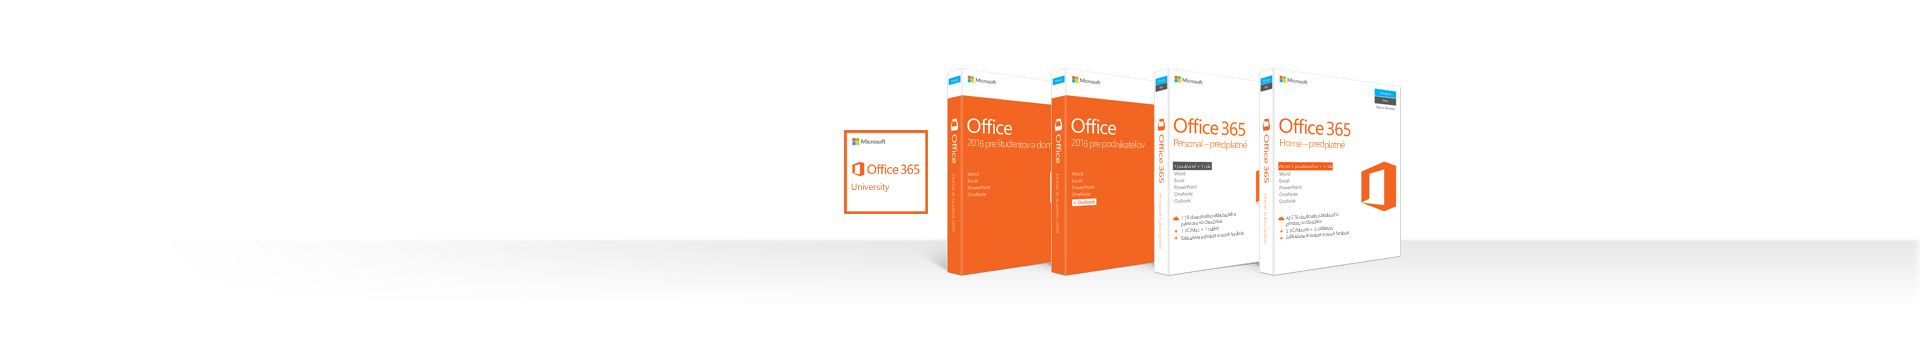 Riadok polí predstavujúci predplatné a samostatné produkty balíka Office pre Mac